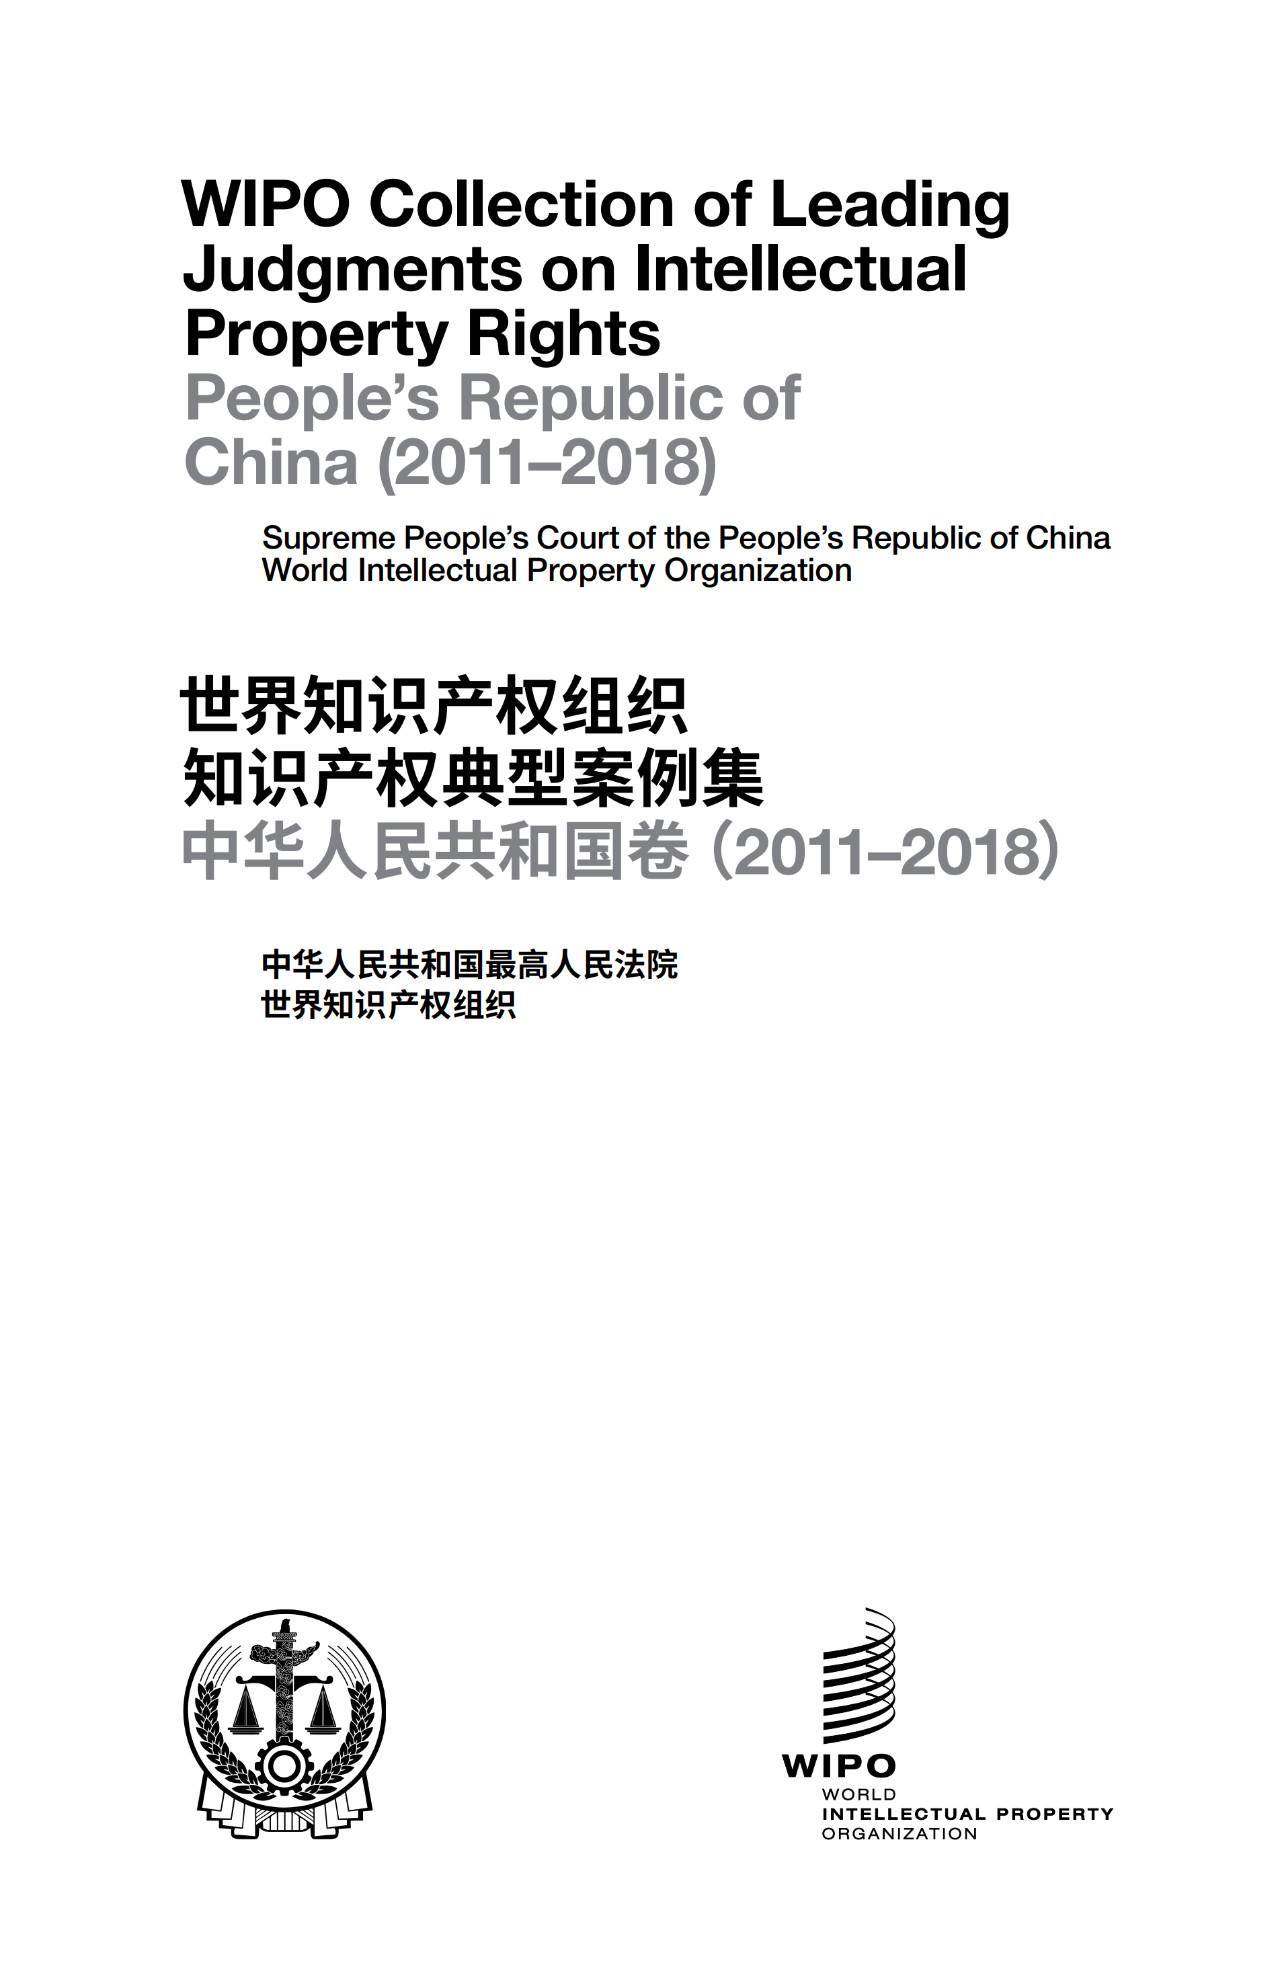 WIPO发布《知识产权典型案例集》出版物系列:中国贡献首卷